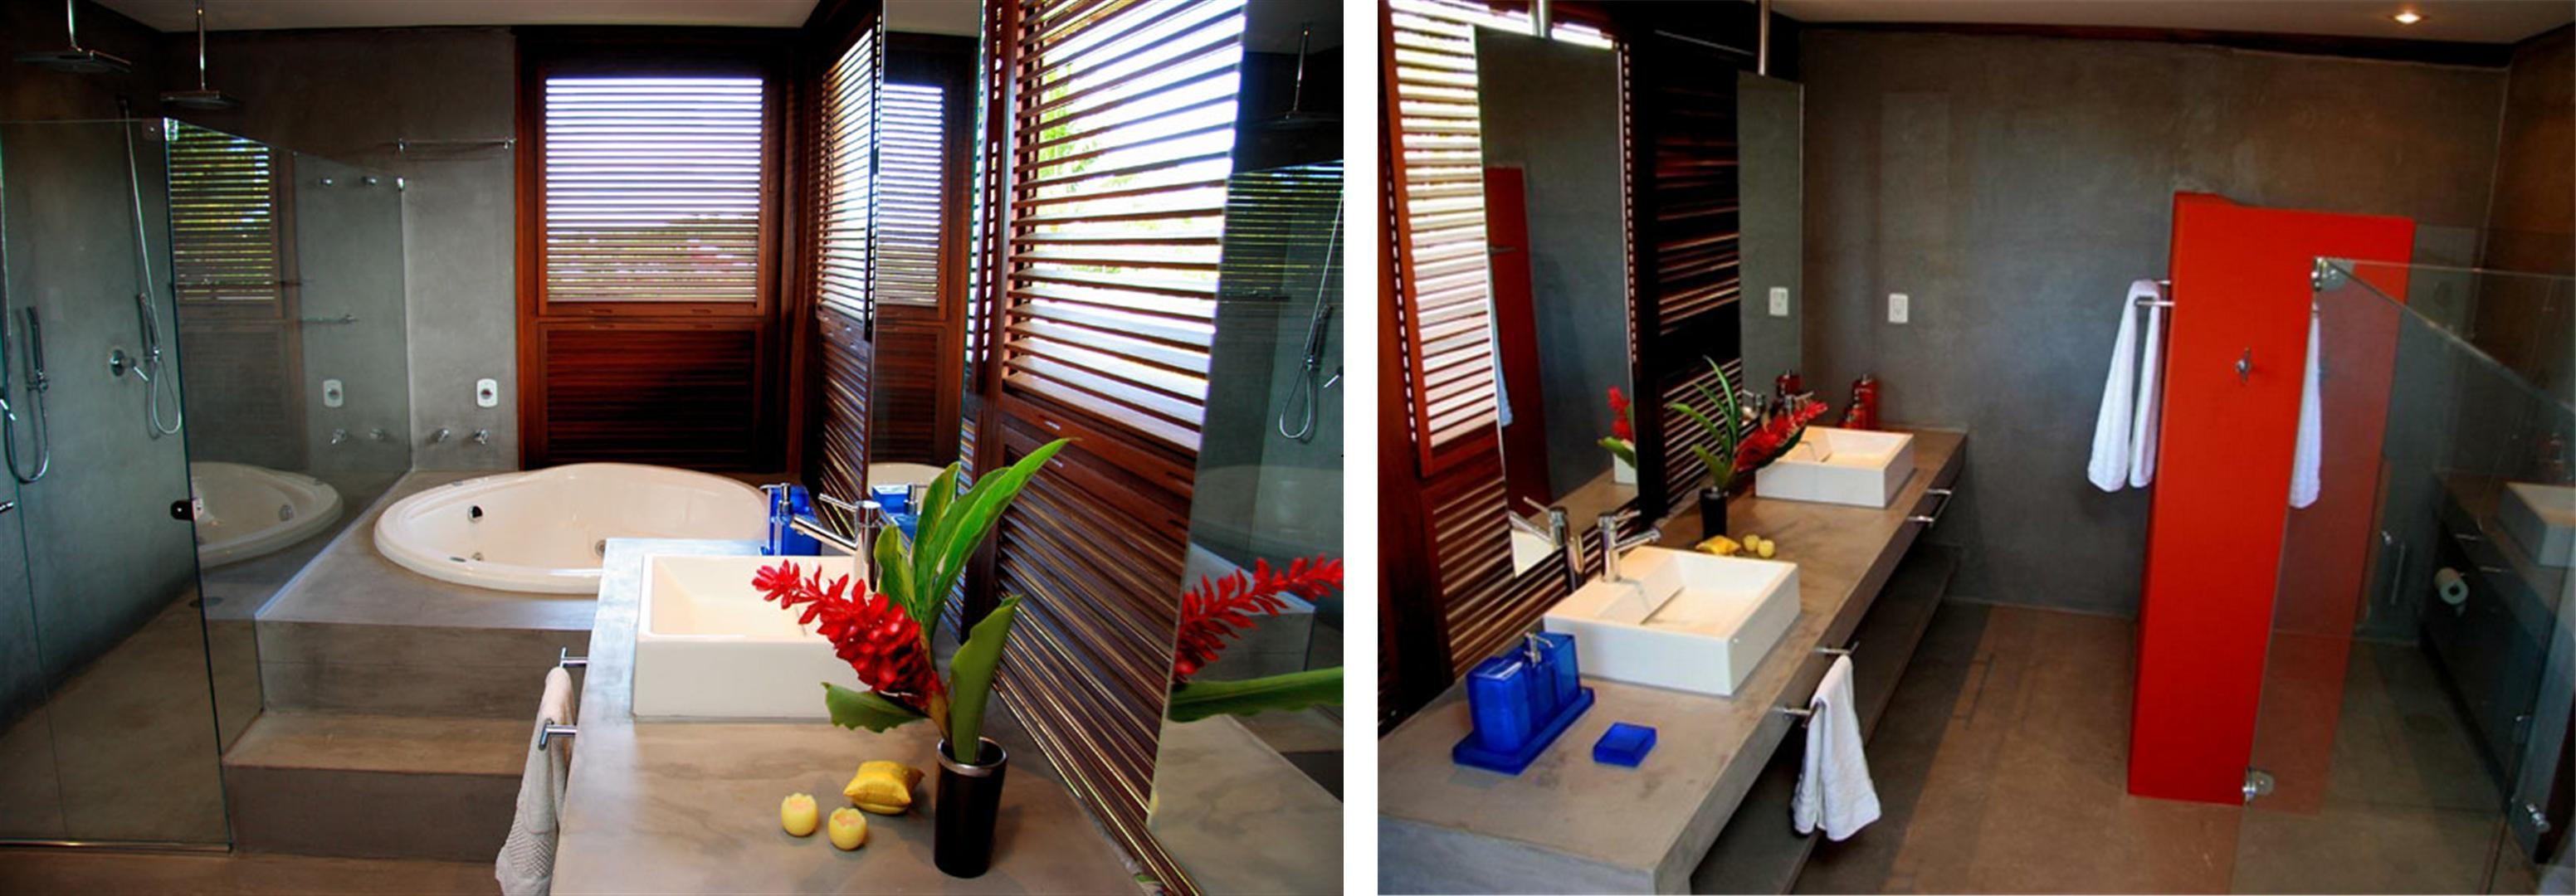 25 Pin Banheiros Com Banheiras De Hidromassagem E Pelautscom On  #B81605 3104x1080 Banheira Num Banheiro Pequeno